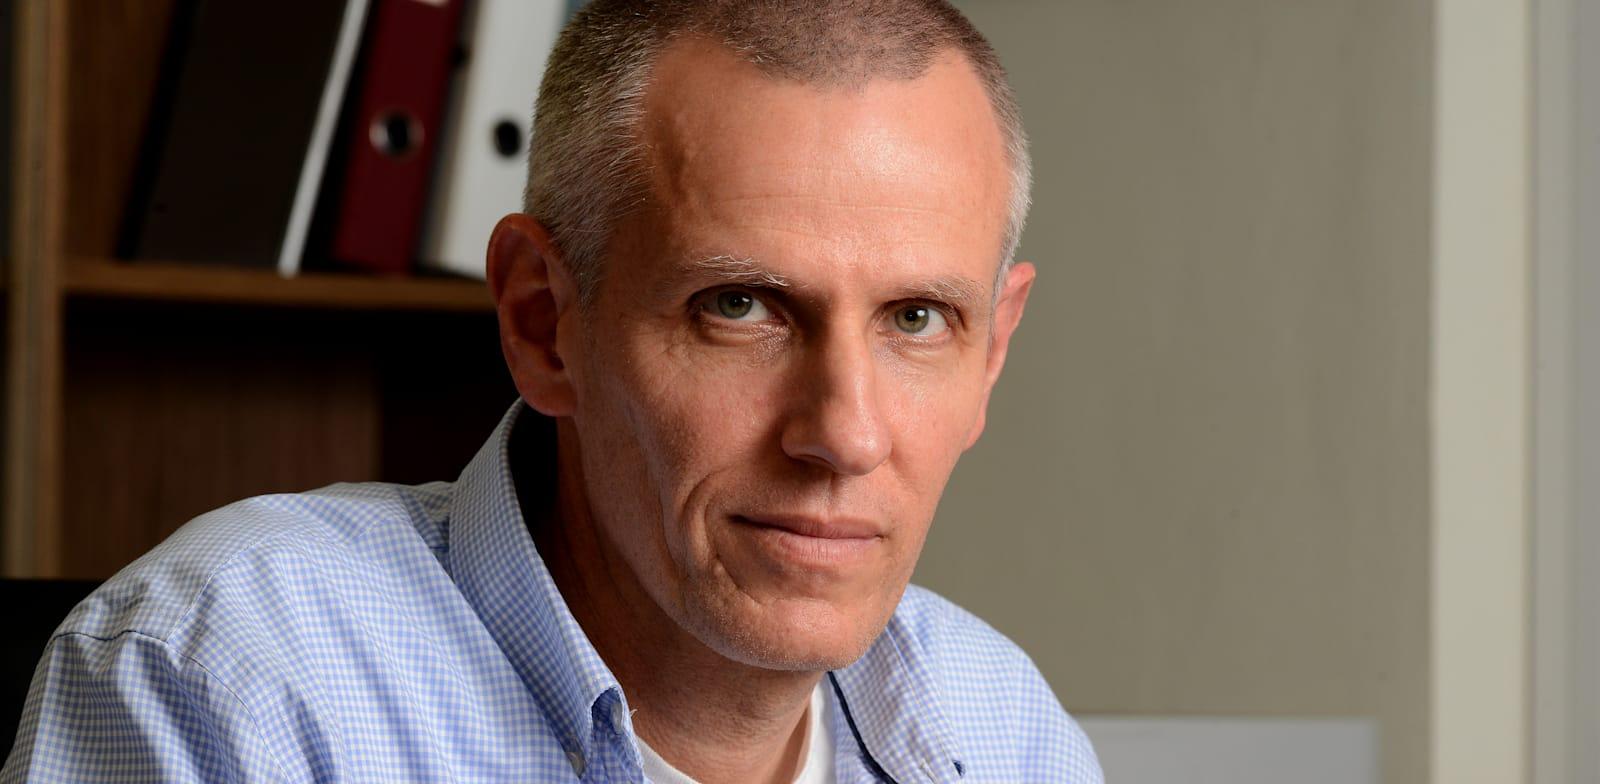 יעקב קוינט, מנהל רשות מקרקעי ישראל / צילום: איל יצהר